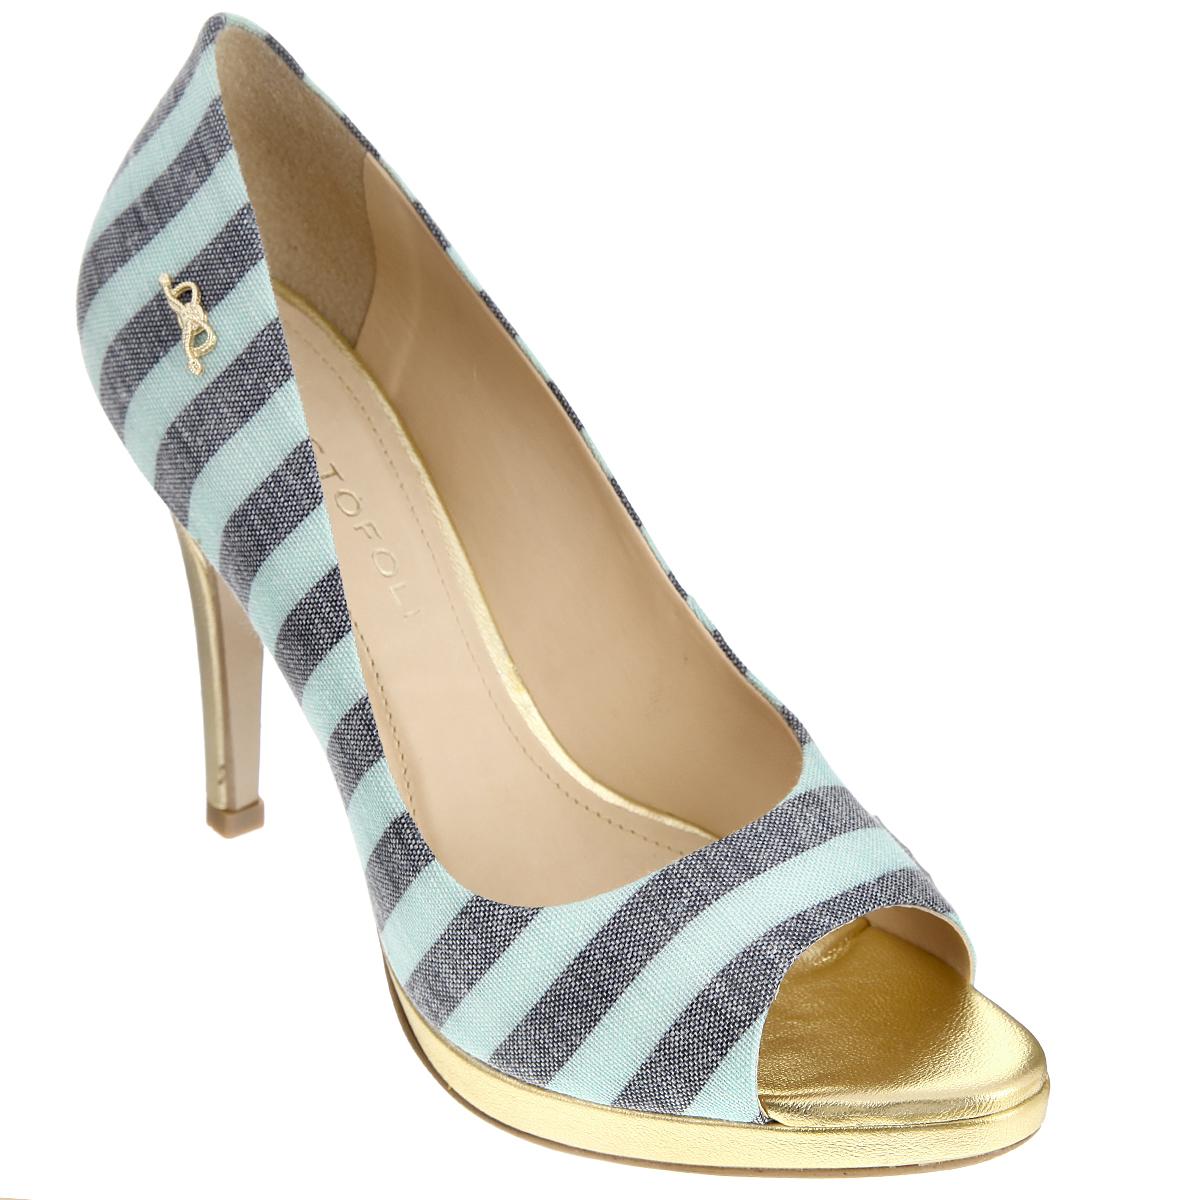 150413Изысканные женские туфли от Cristofoli займут достойное место среди вашей коллекции обуви. Модель изготовлена из плотного высококачественного текстиля и оформлена узором в полоску. Сбоку изделие украшено декоративным элементом в виде бантика, выполненного из металла. Открытый носок добавит женственные нотки в ваш образ. Подкладка и стелька из натуральной кожи обеспечивают комфорт при движении. Ультравысокий каблук компенсирован платформой. Подошва дополнена противоскользящим рифлением. Роскошные туфли помогут вам создать неповторимый образ.